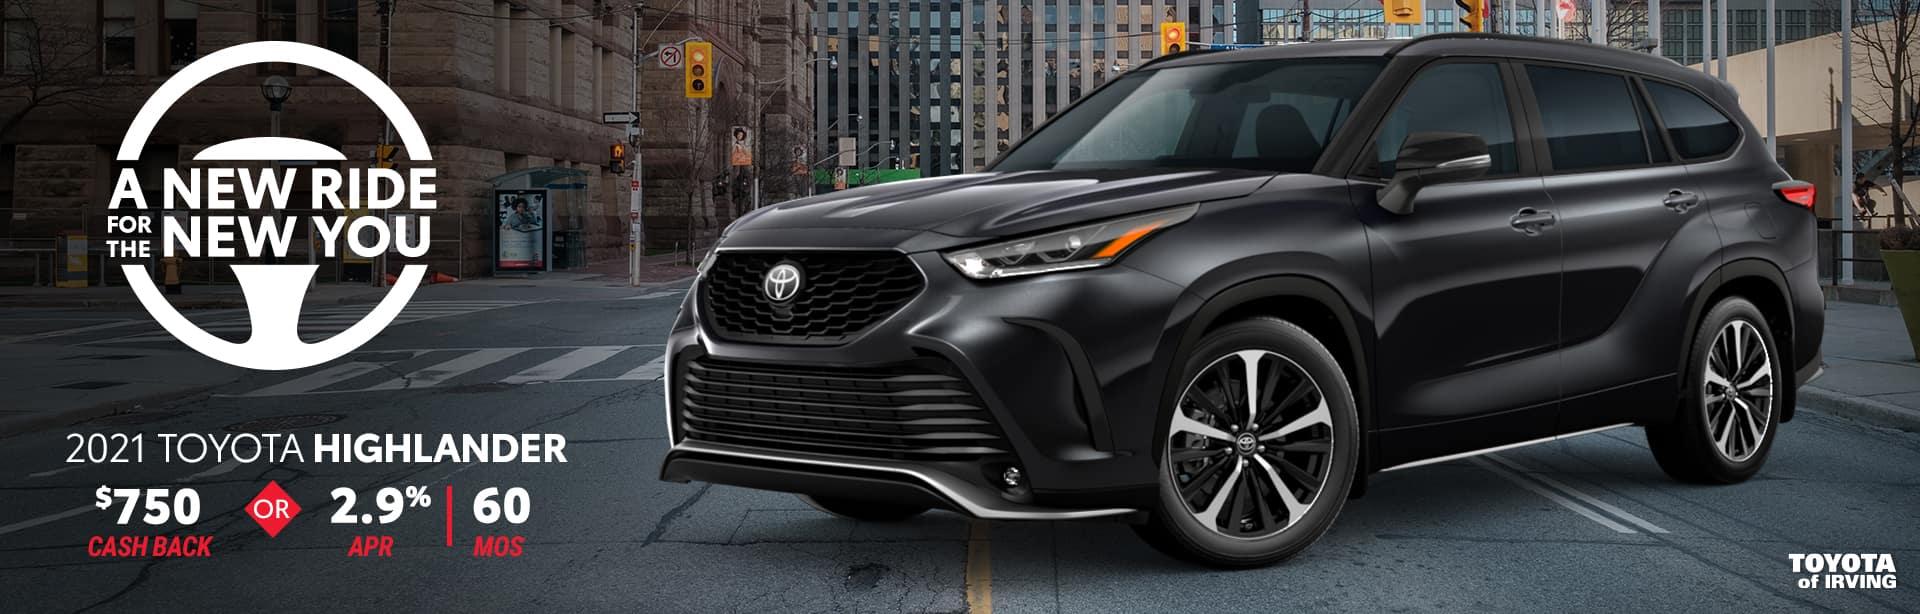 2021 Toyota Highlander Offer